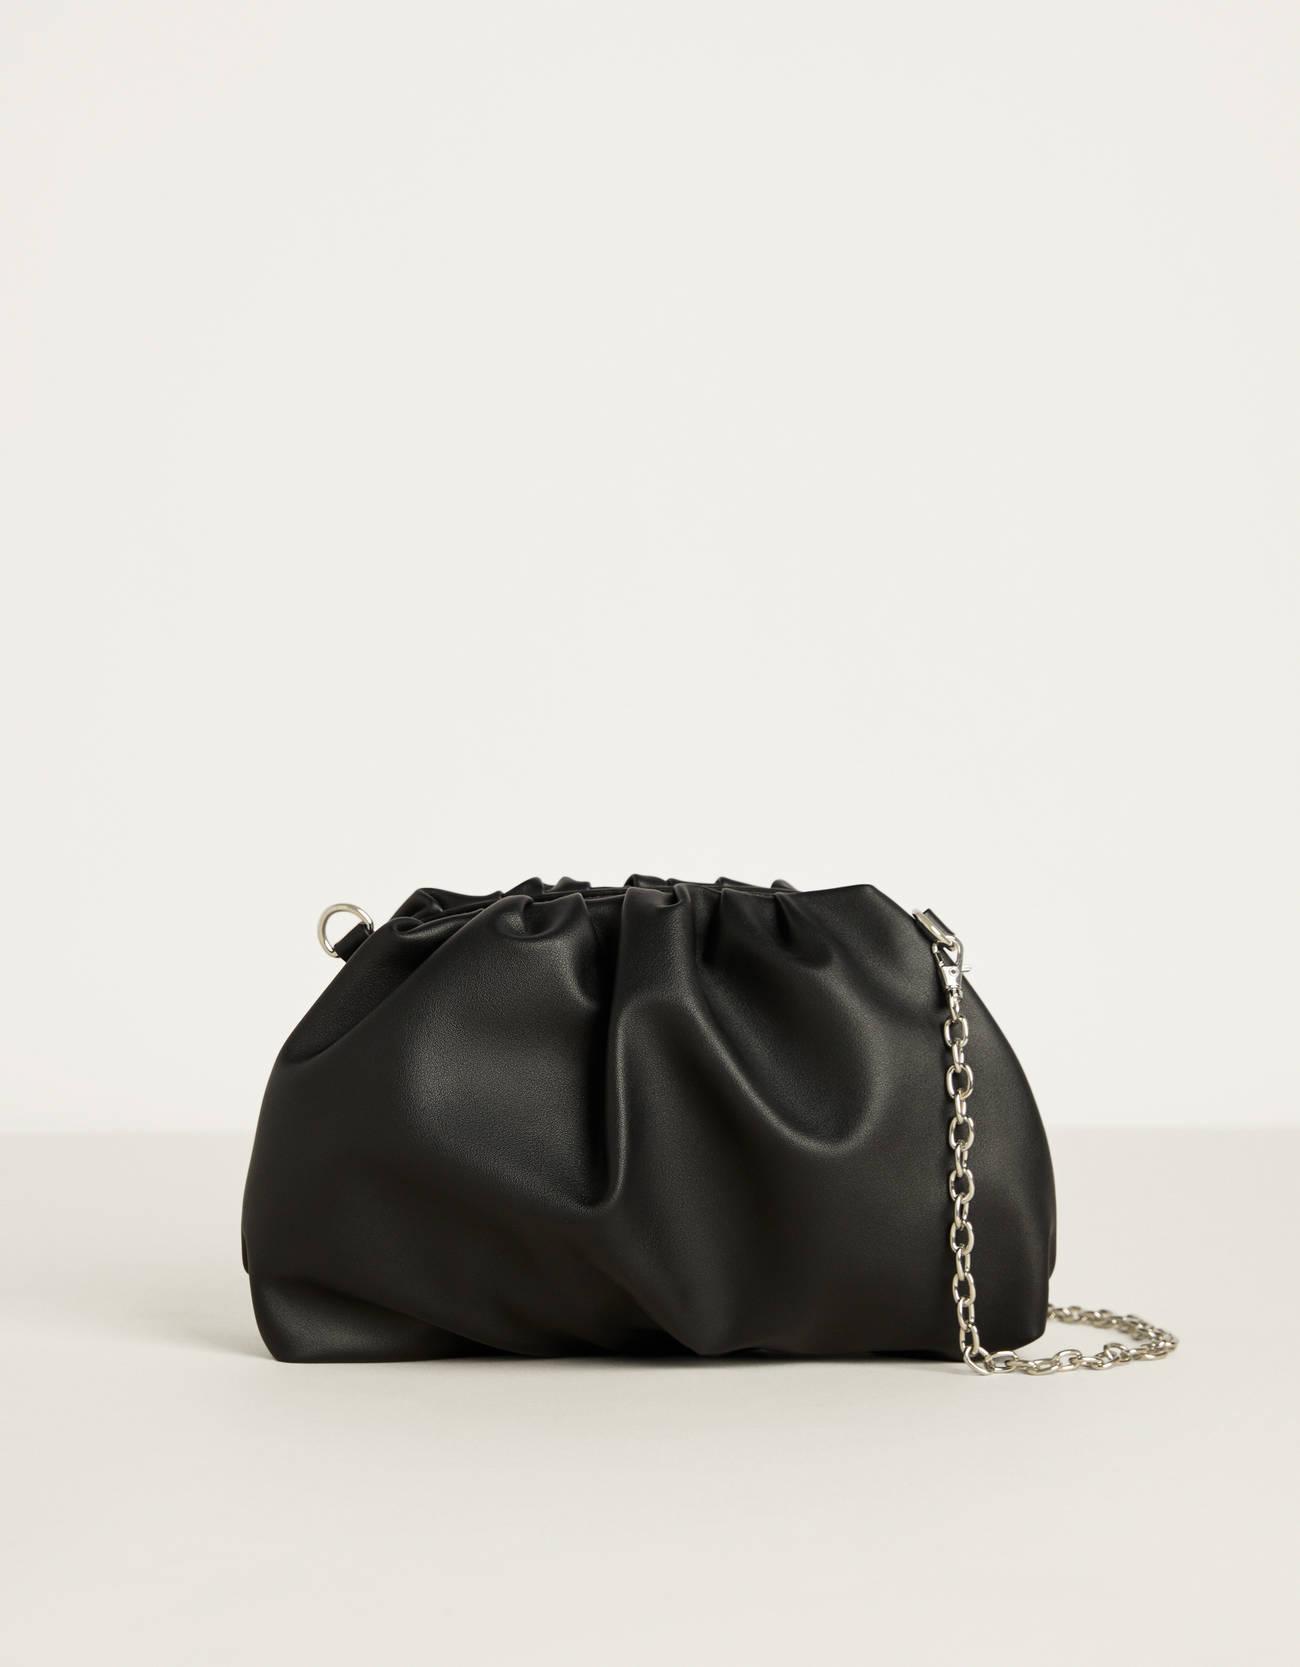 Bolso pouch acolchado con cadena